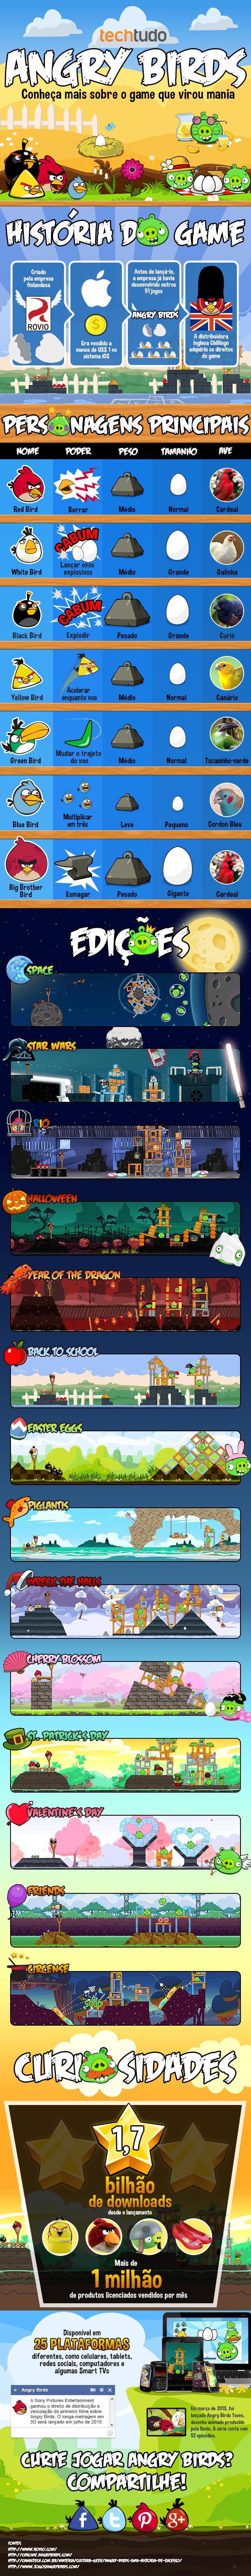 Angry Birds: infográfico mostra a história completa da franquia